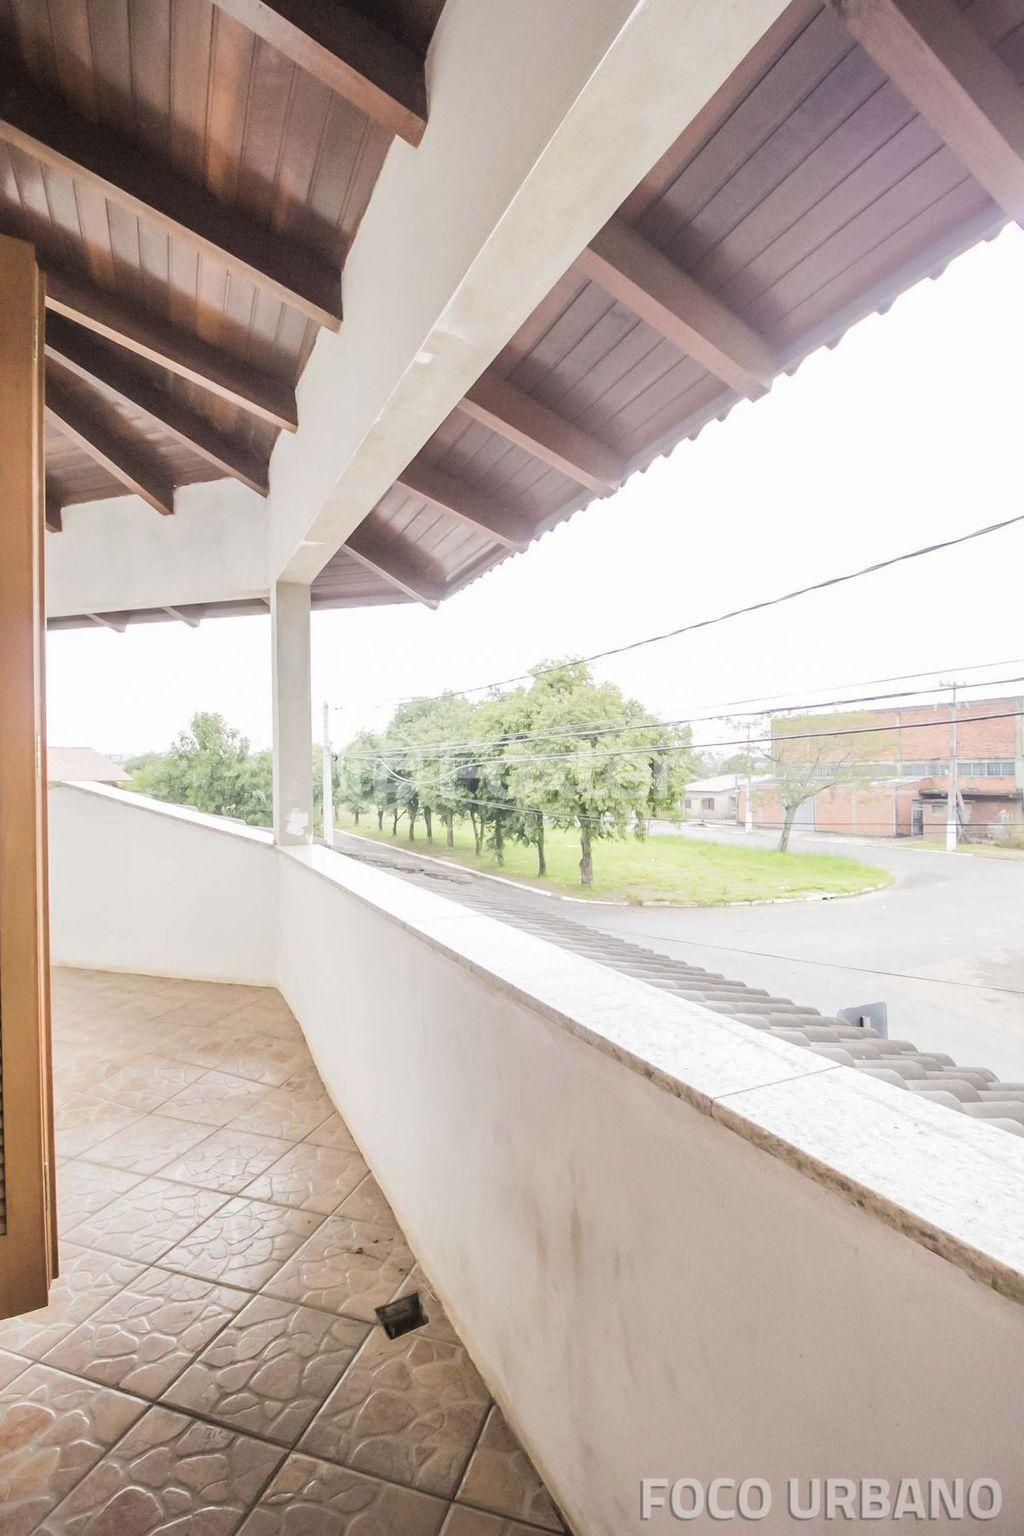 Prédio 3 Dorm, Novo Esteio, Esteio (140134) - Foto 26